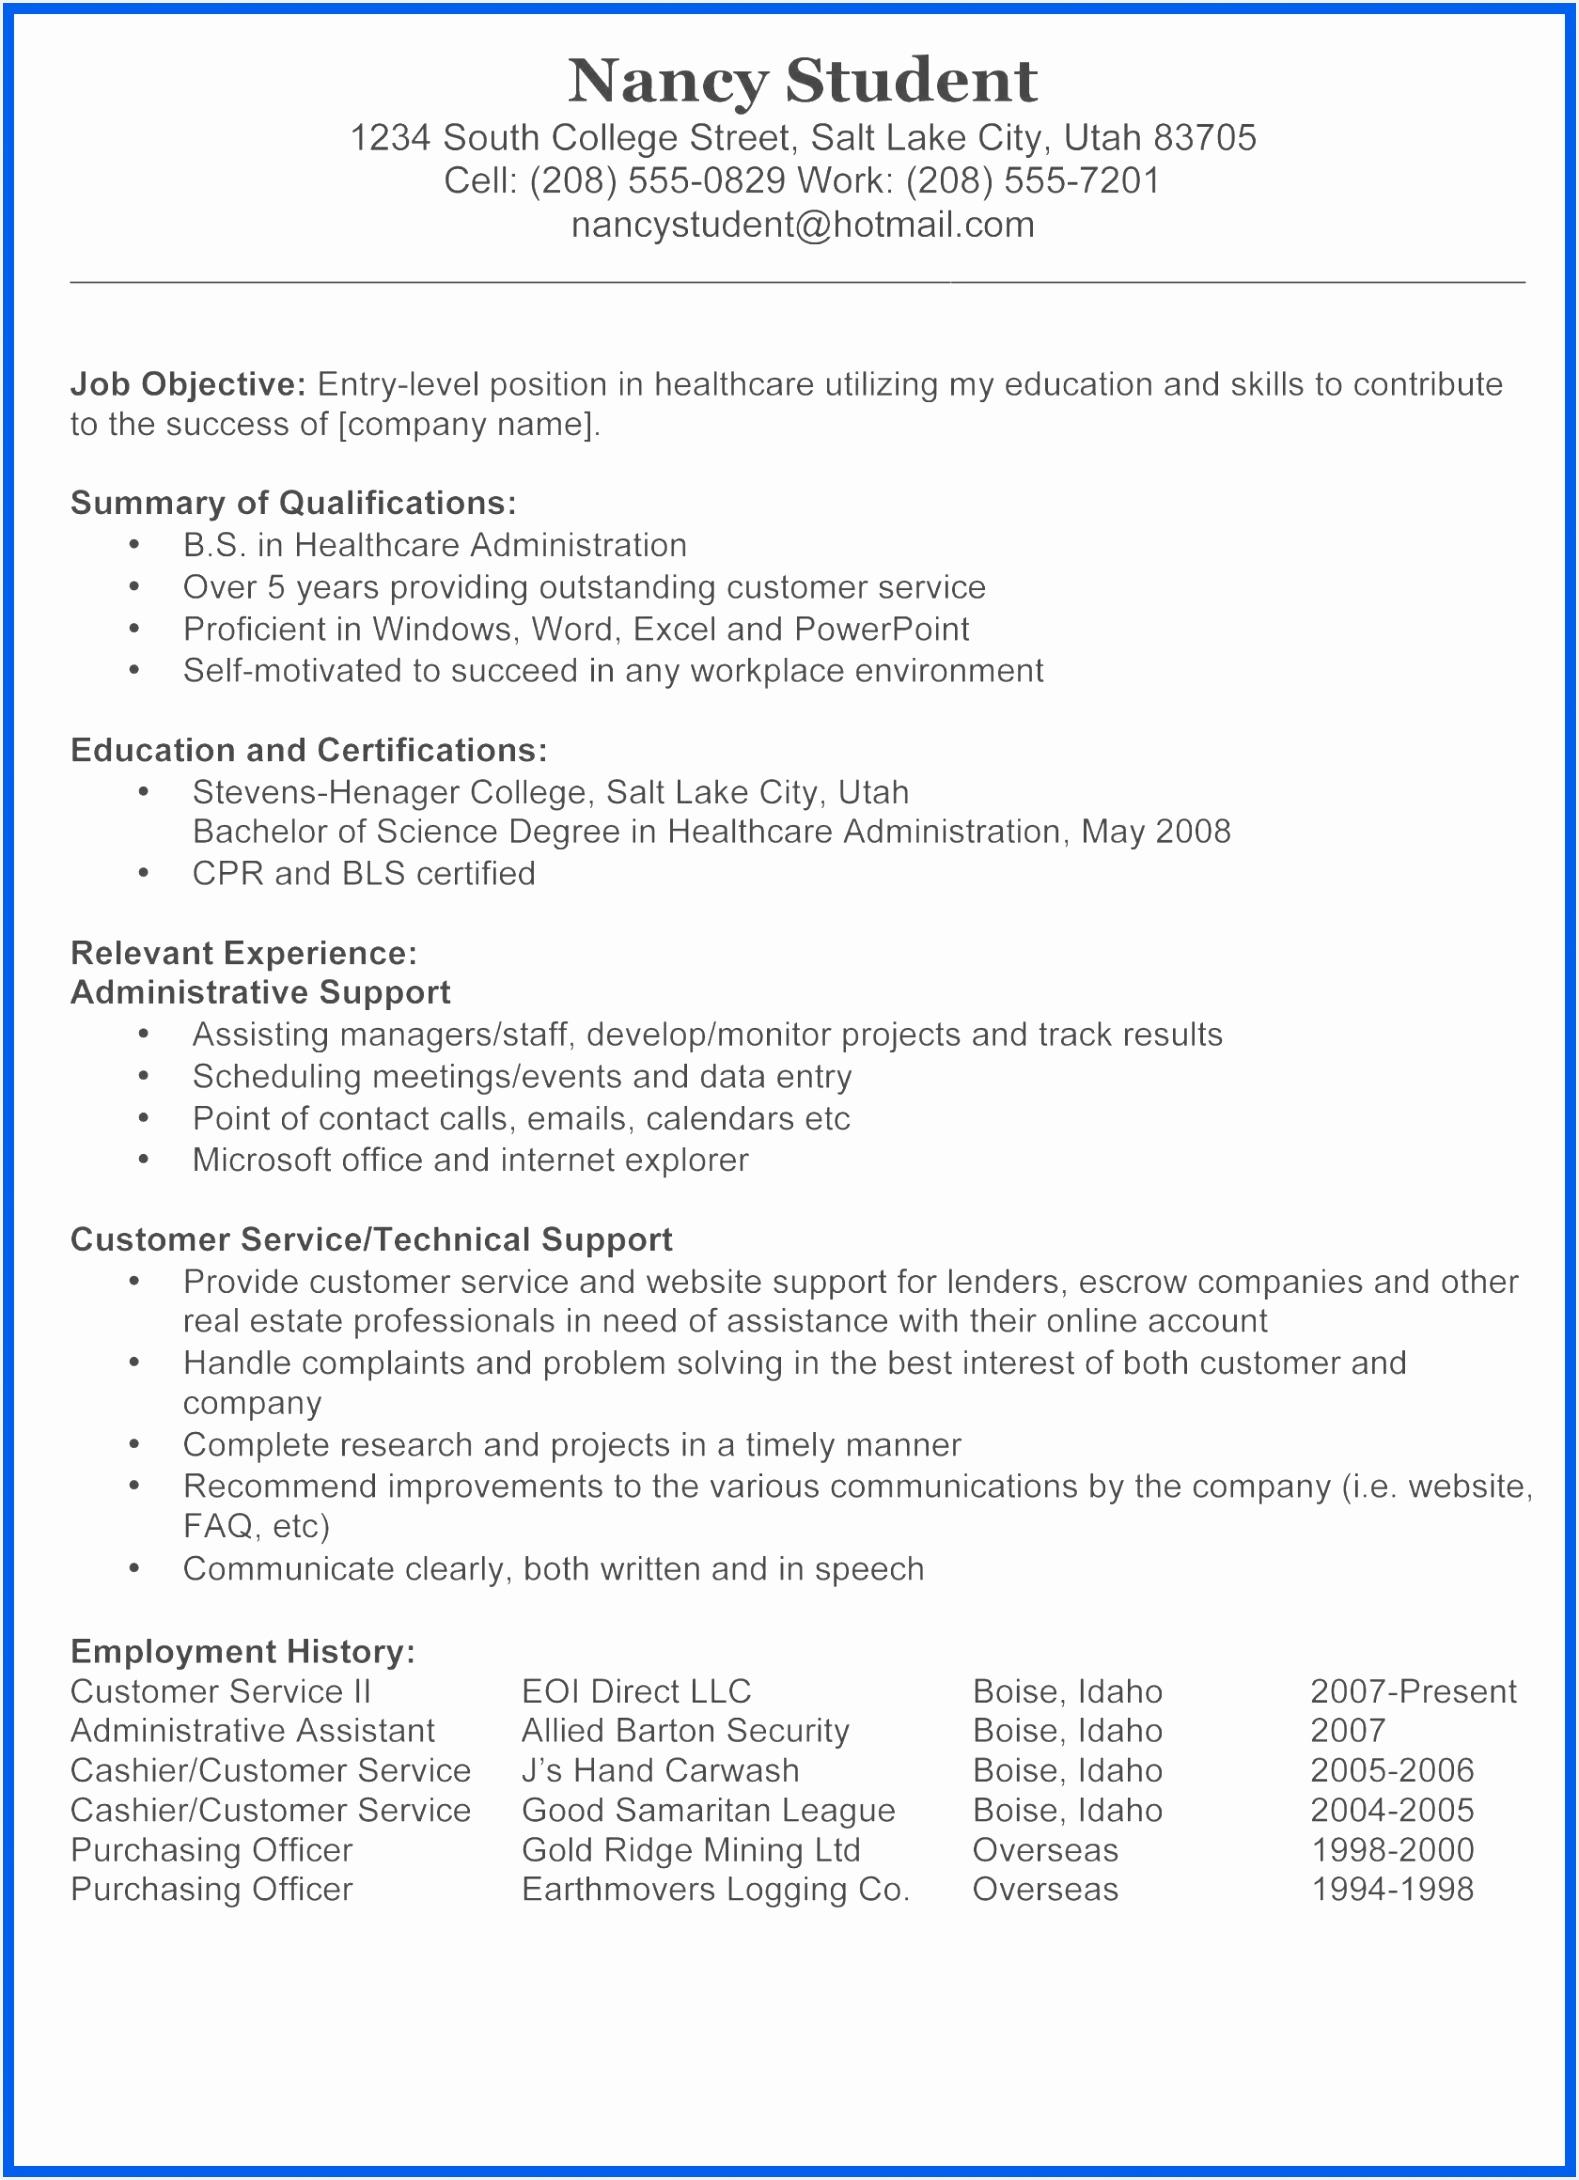 data entry sample resume best fresh new resume sample best resume cover luxury formatted resume 0d of data entry sample resume 21801579tsevw